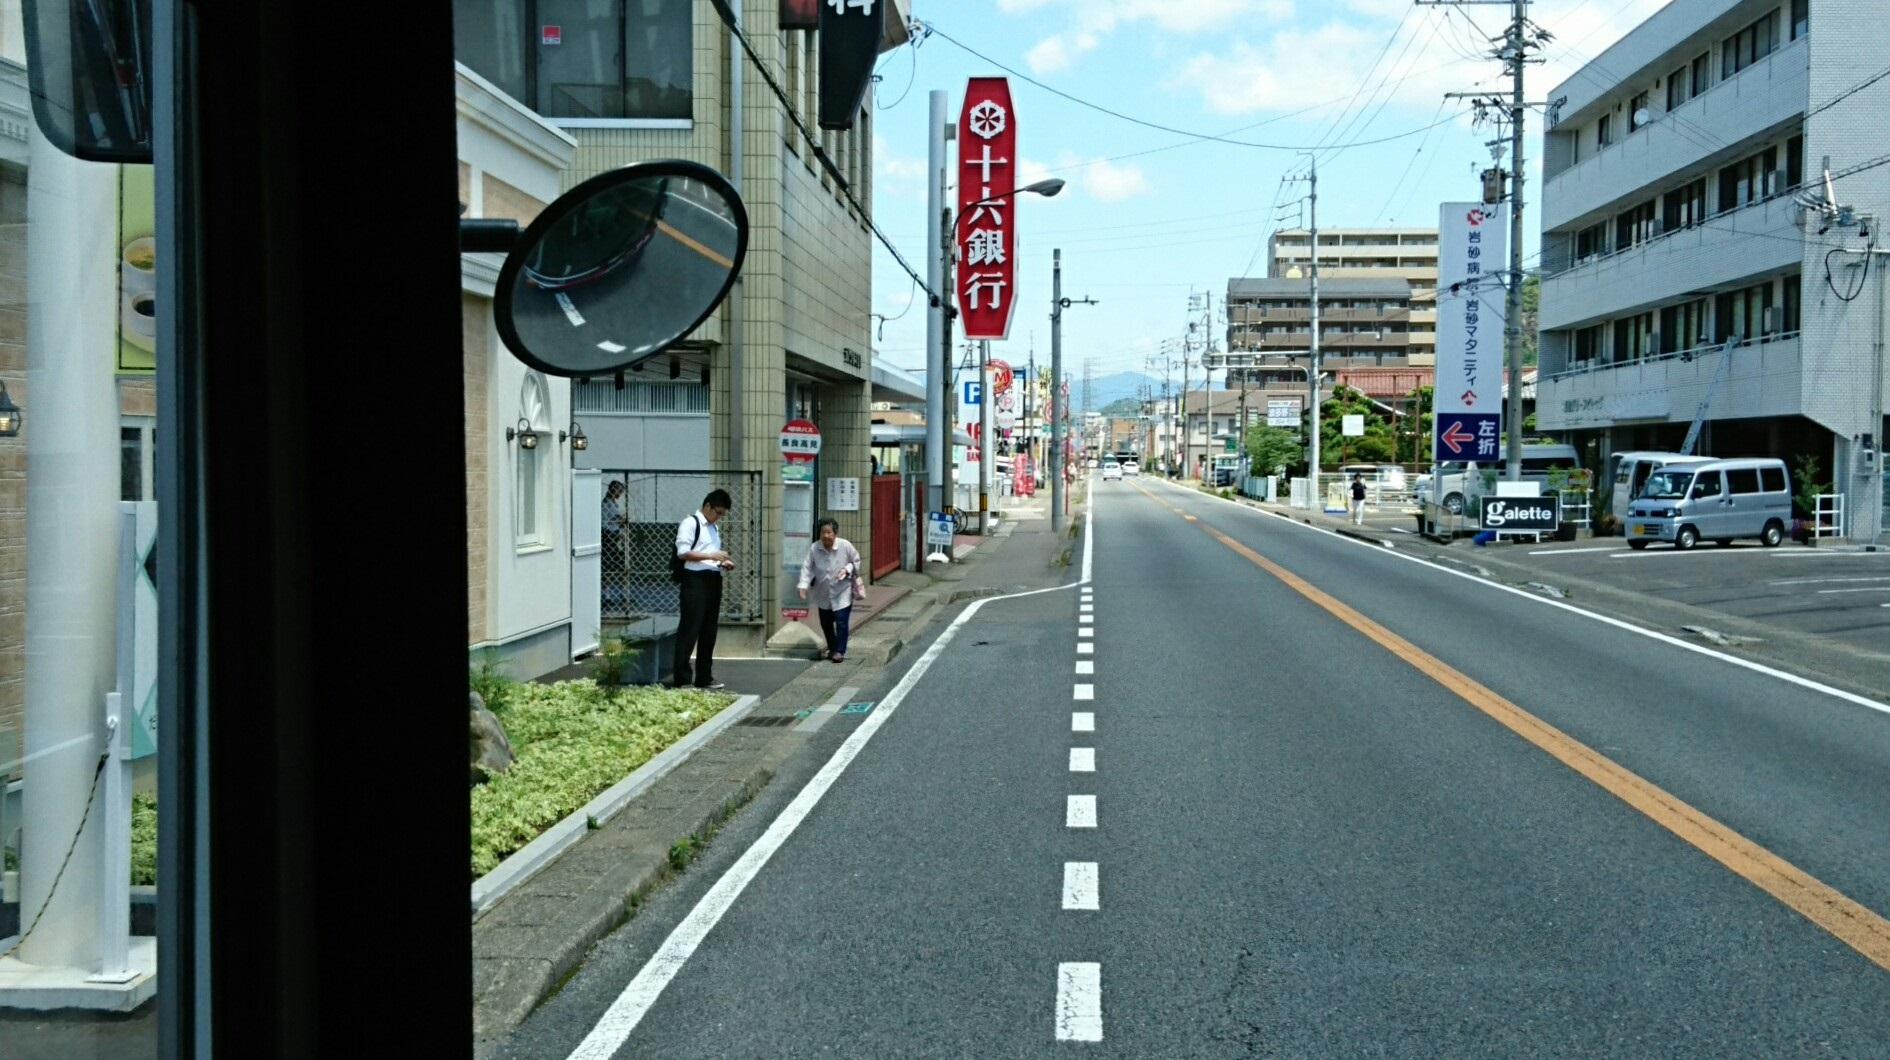 2018.6.1 岐阜 (41) 高富いきバス - 長良高見バス停 1890-1060